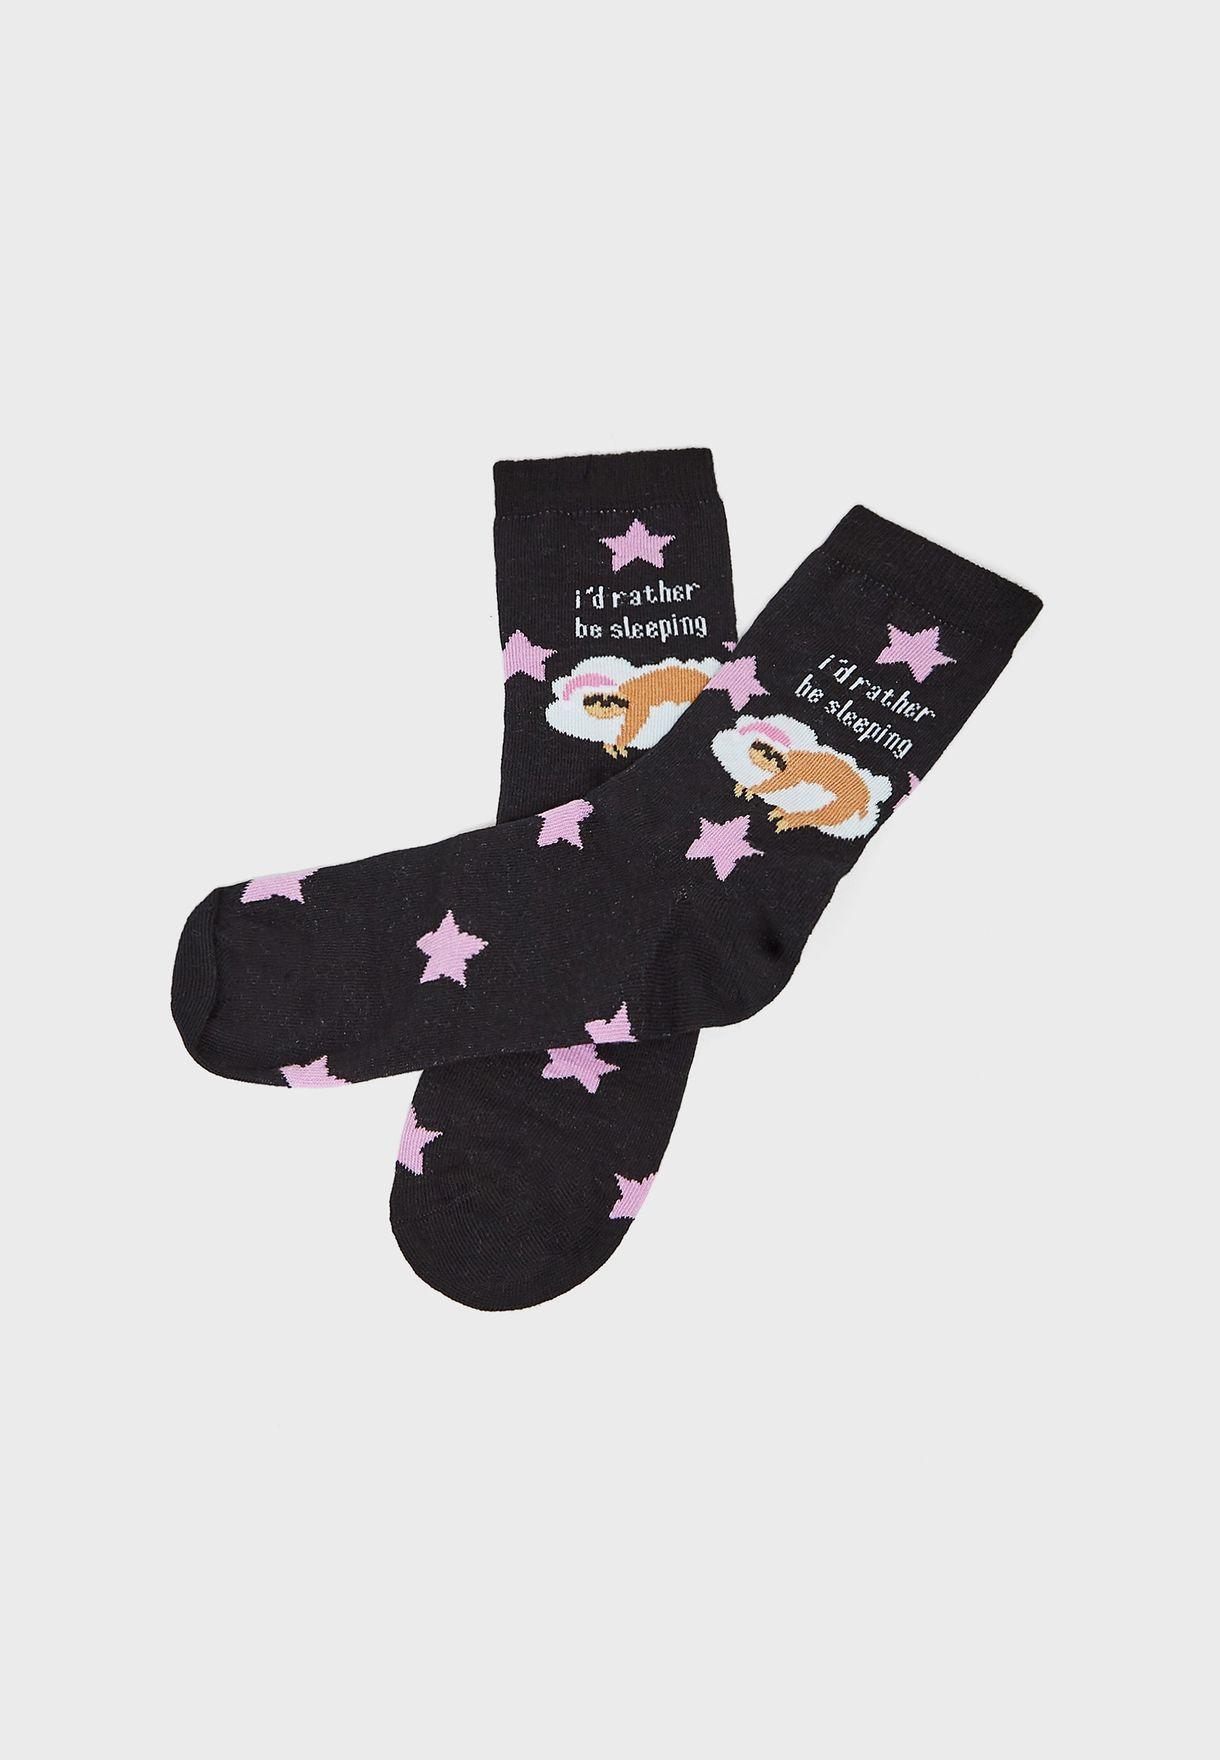 Sloth Sleeping Slogan Socks